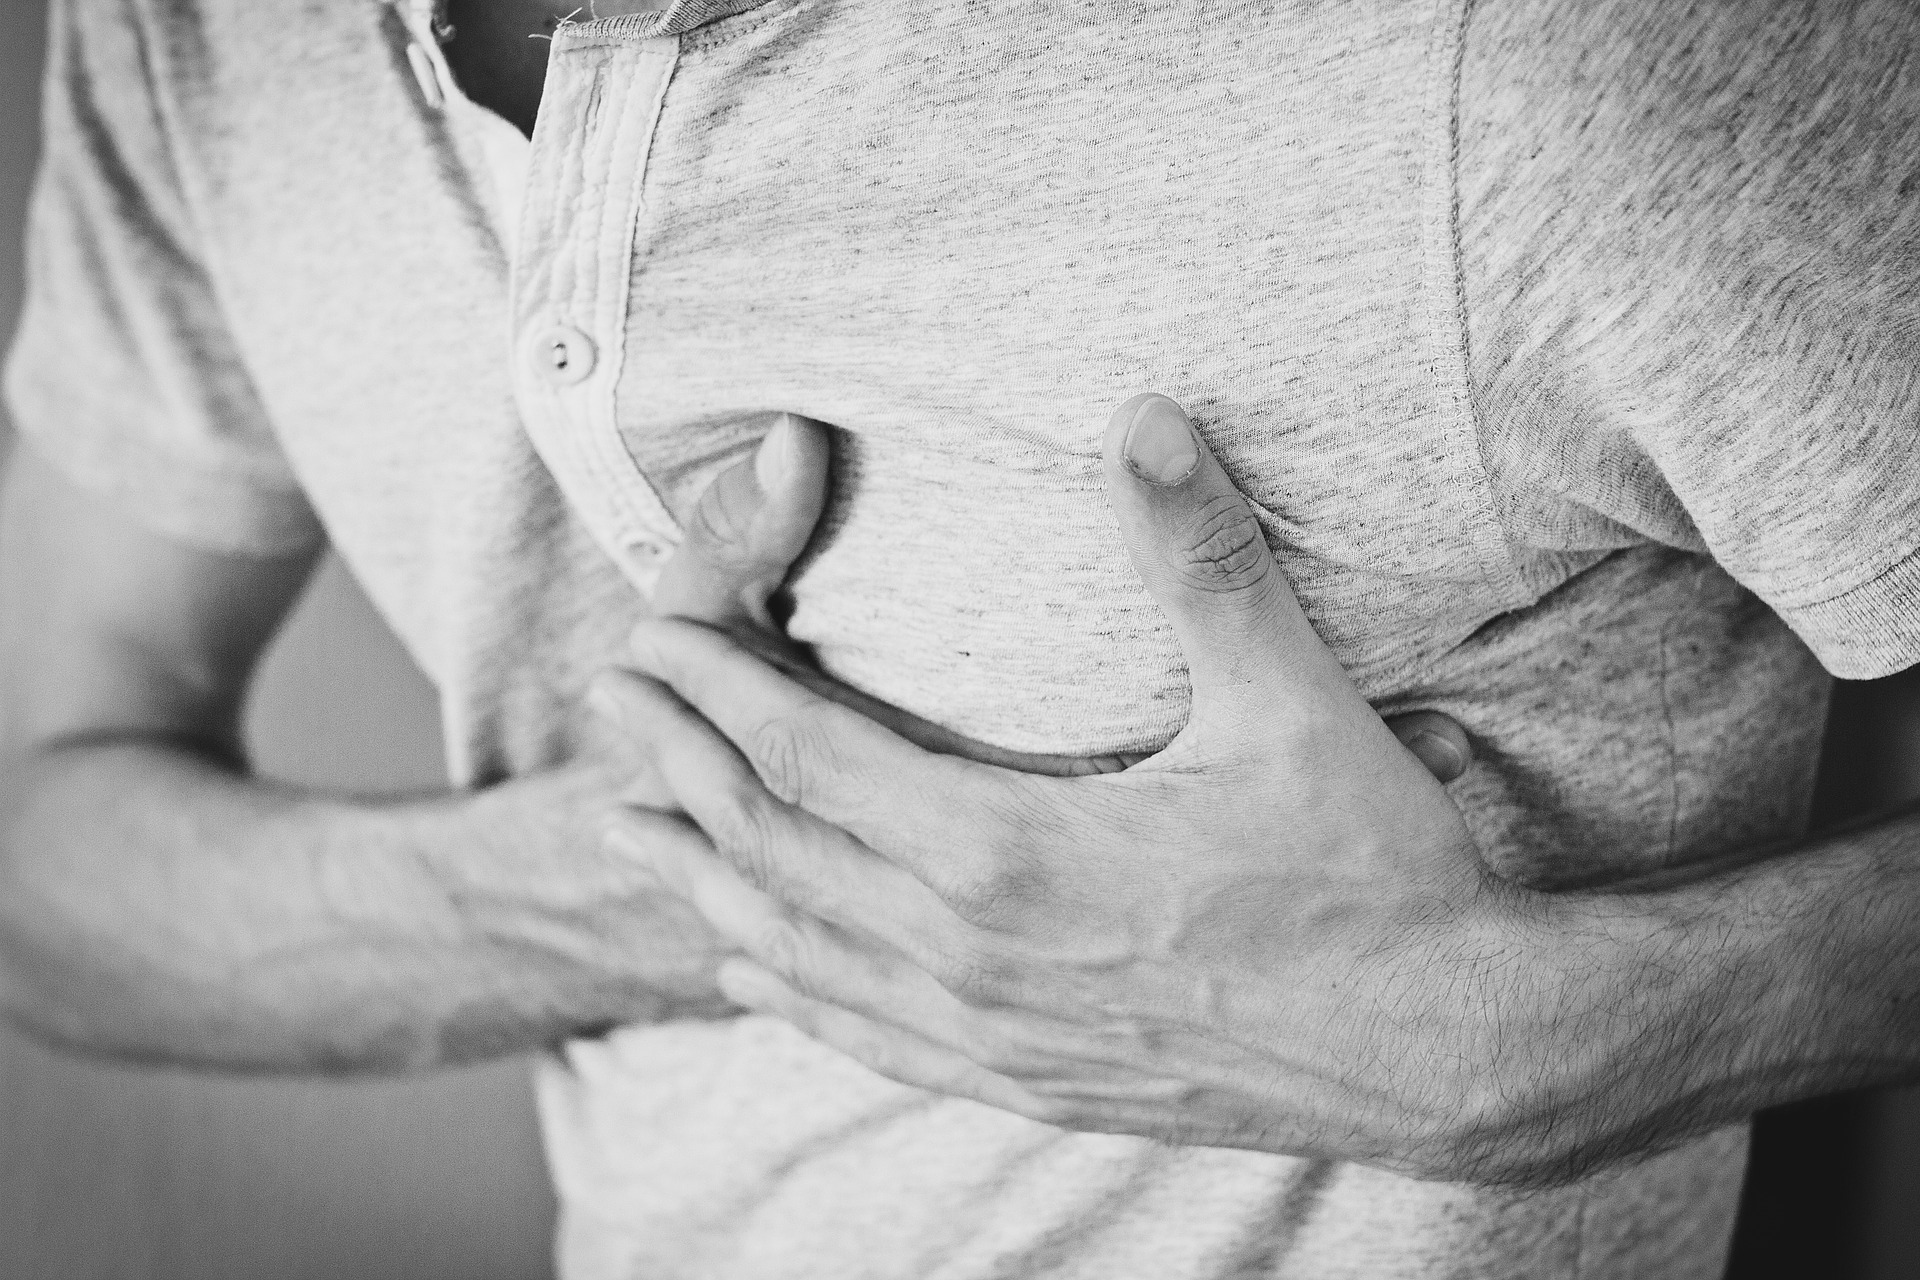 Oppressione al petto: un sintomo molto diffuso